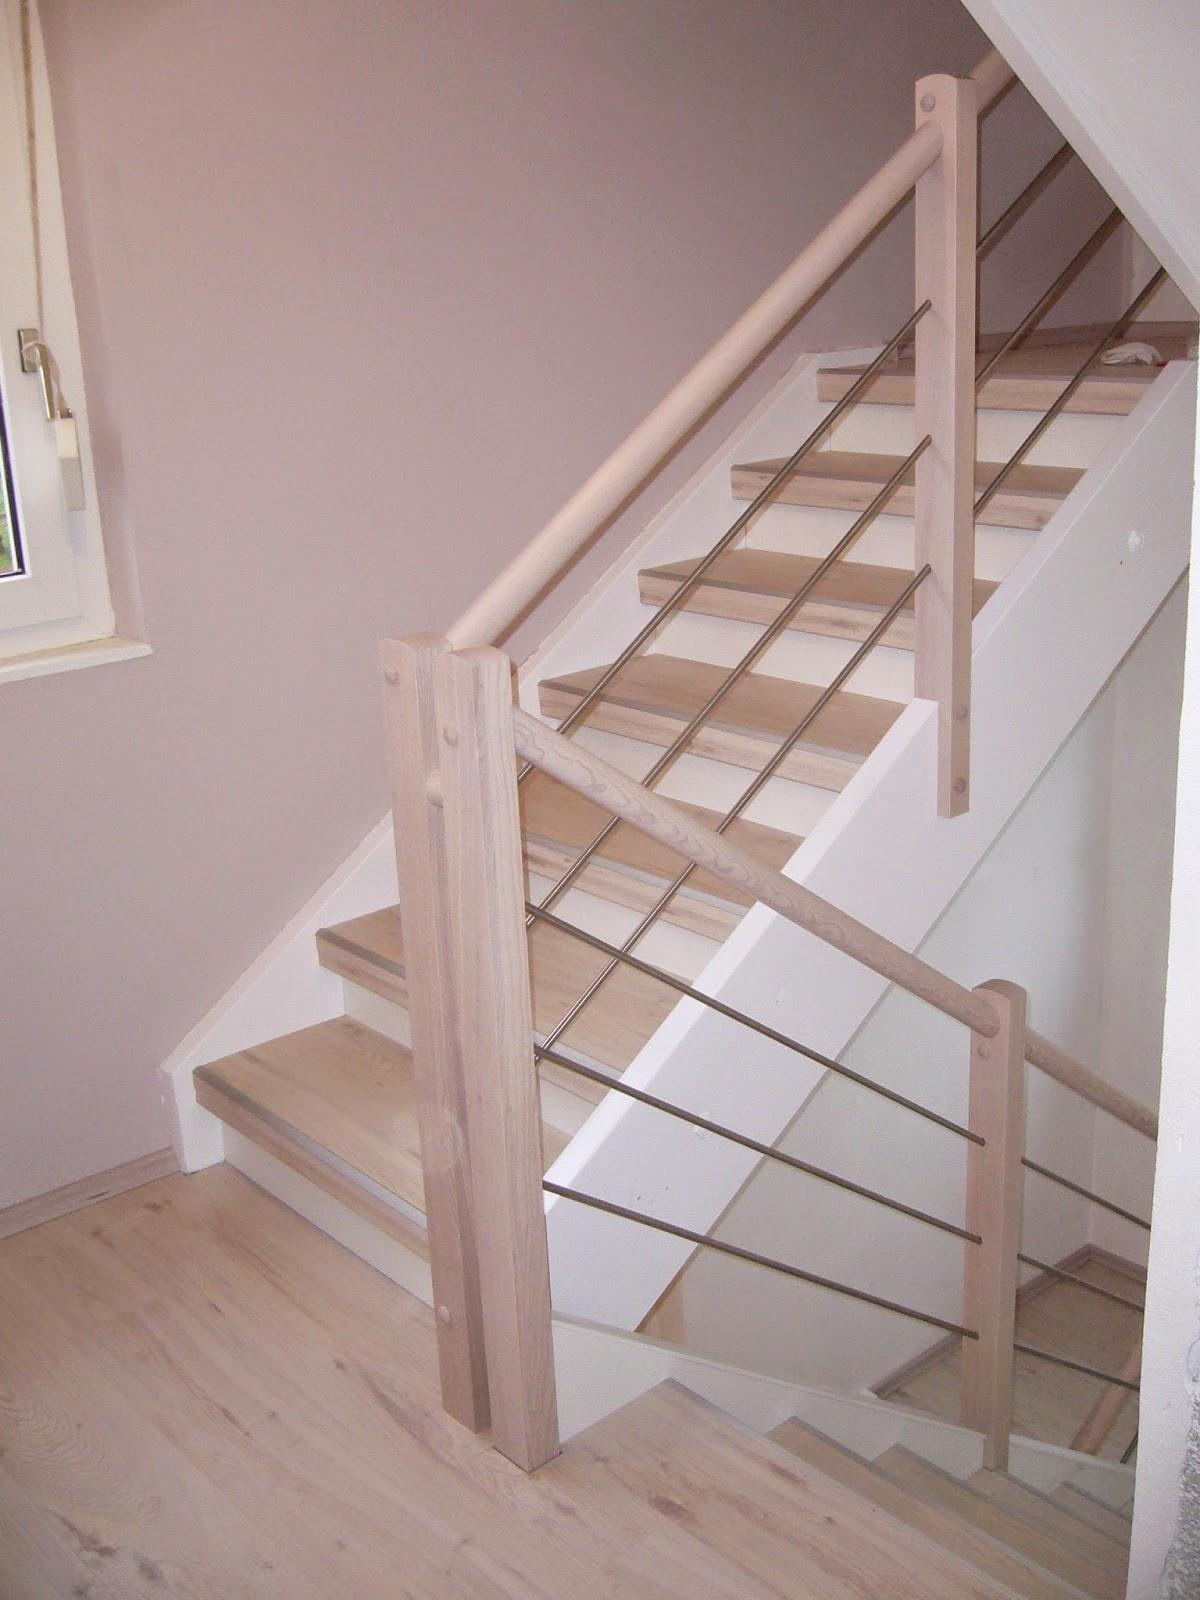 HK Treppenrenovierung - Treppe Weißer Nussbaum- weiße Setzstufen mit Edelstahl Traversengeländer